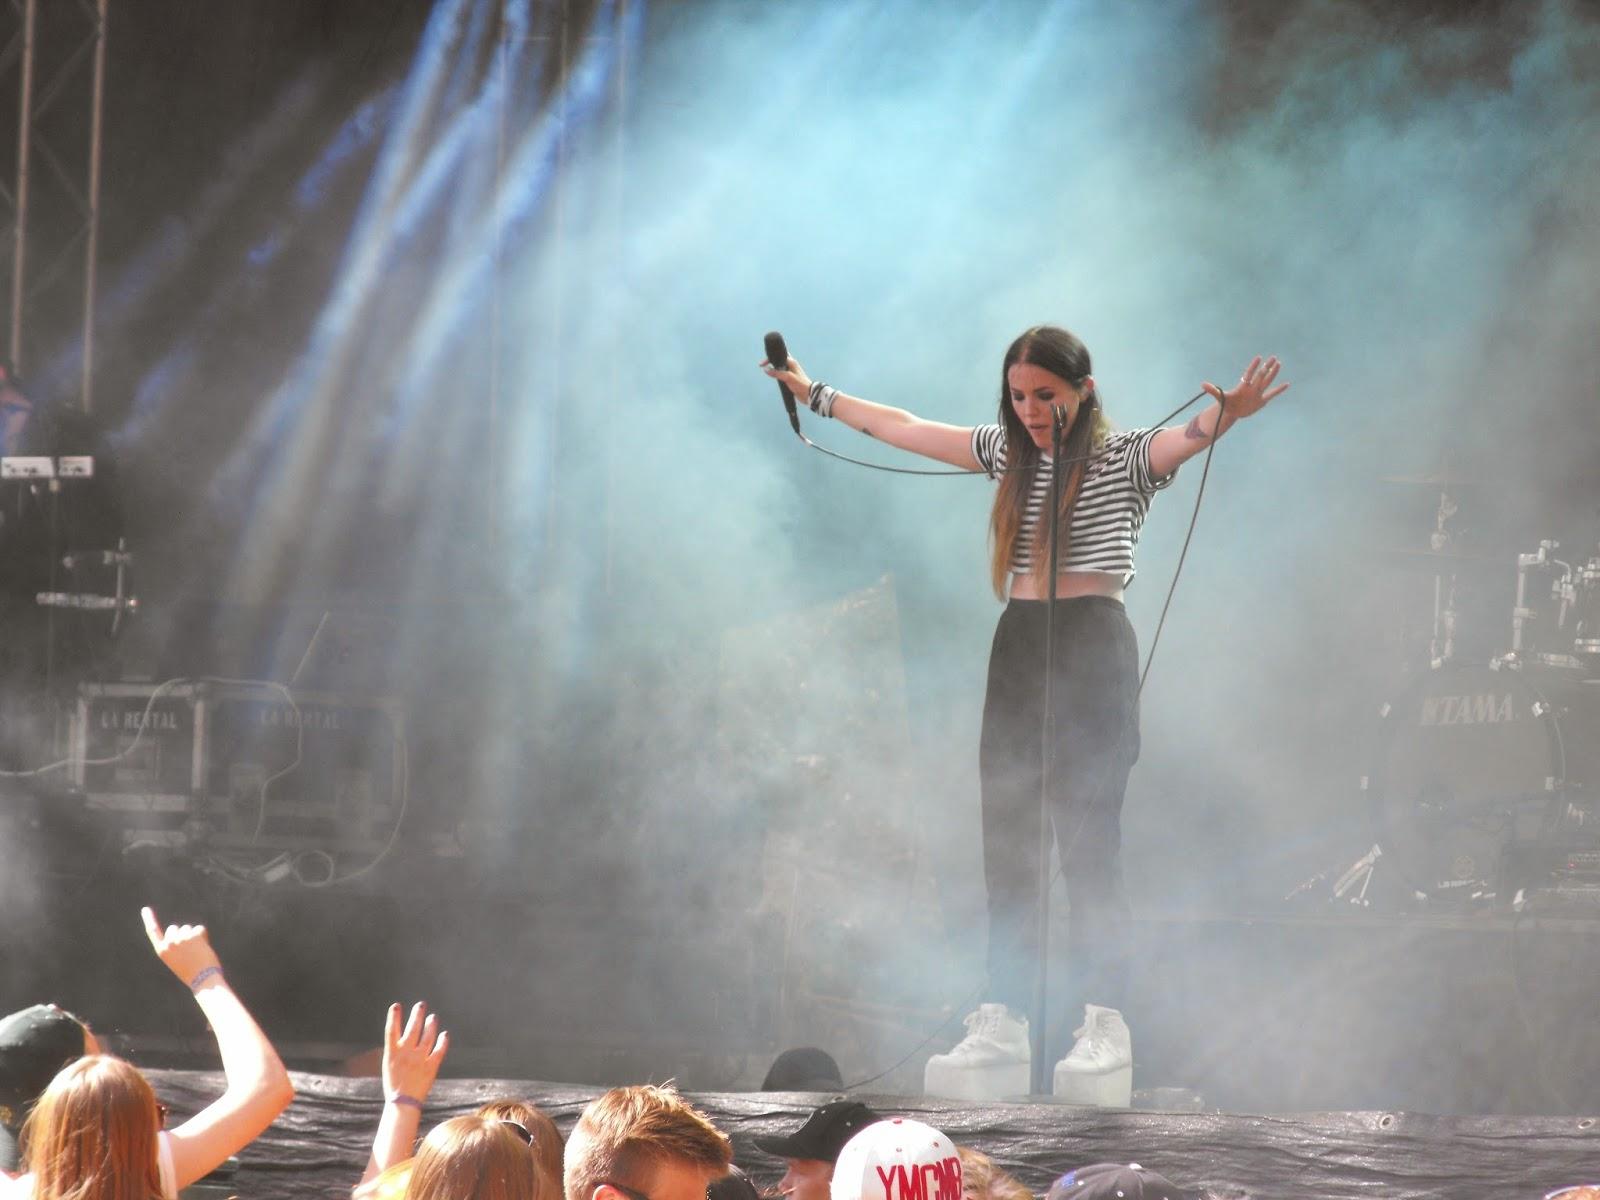 siestafestivalen, Siestafestivalen 2014, SiestaHlm, #SiestaHlm, Hässleholm, Sösdala, Barnfamilj, Musik, Glädje i hjärtat, Miriam Bryant